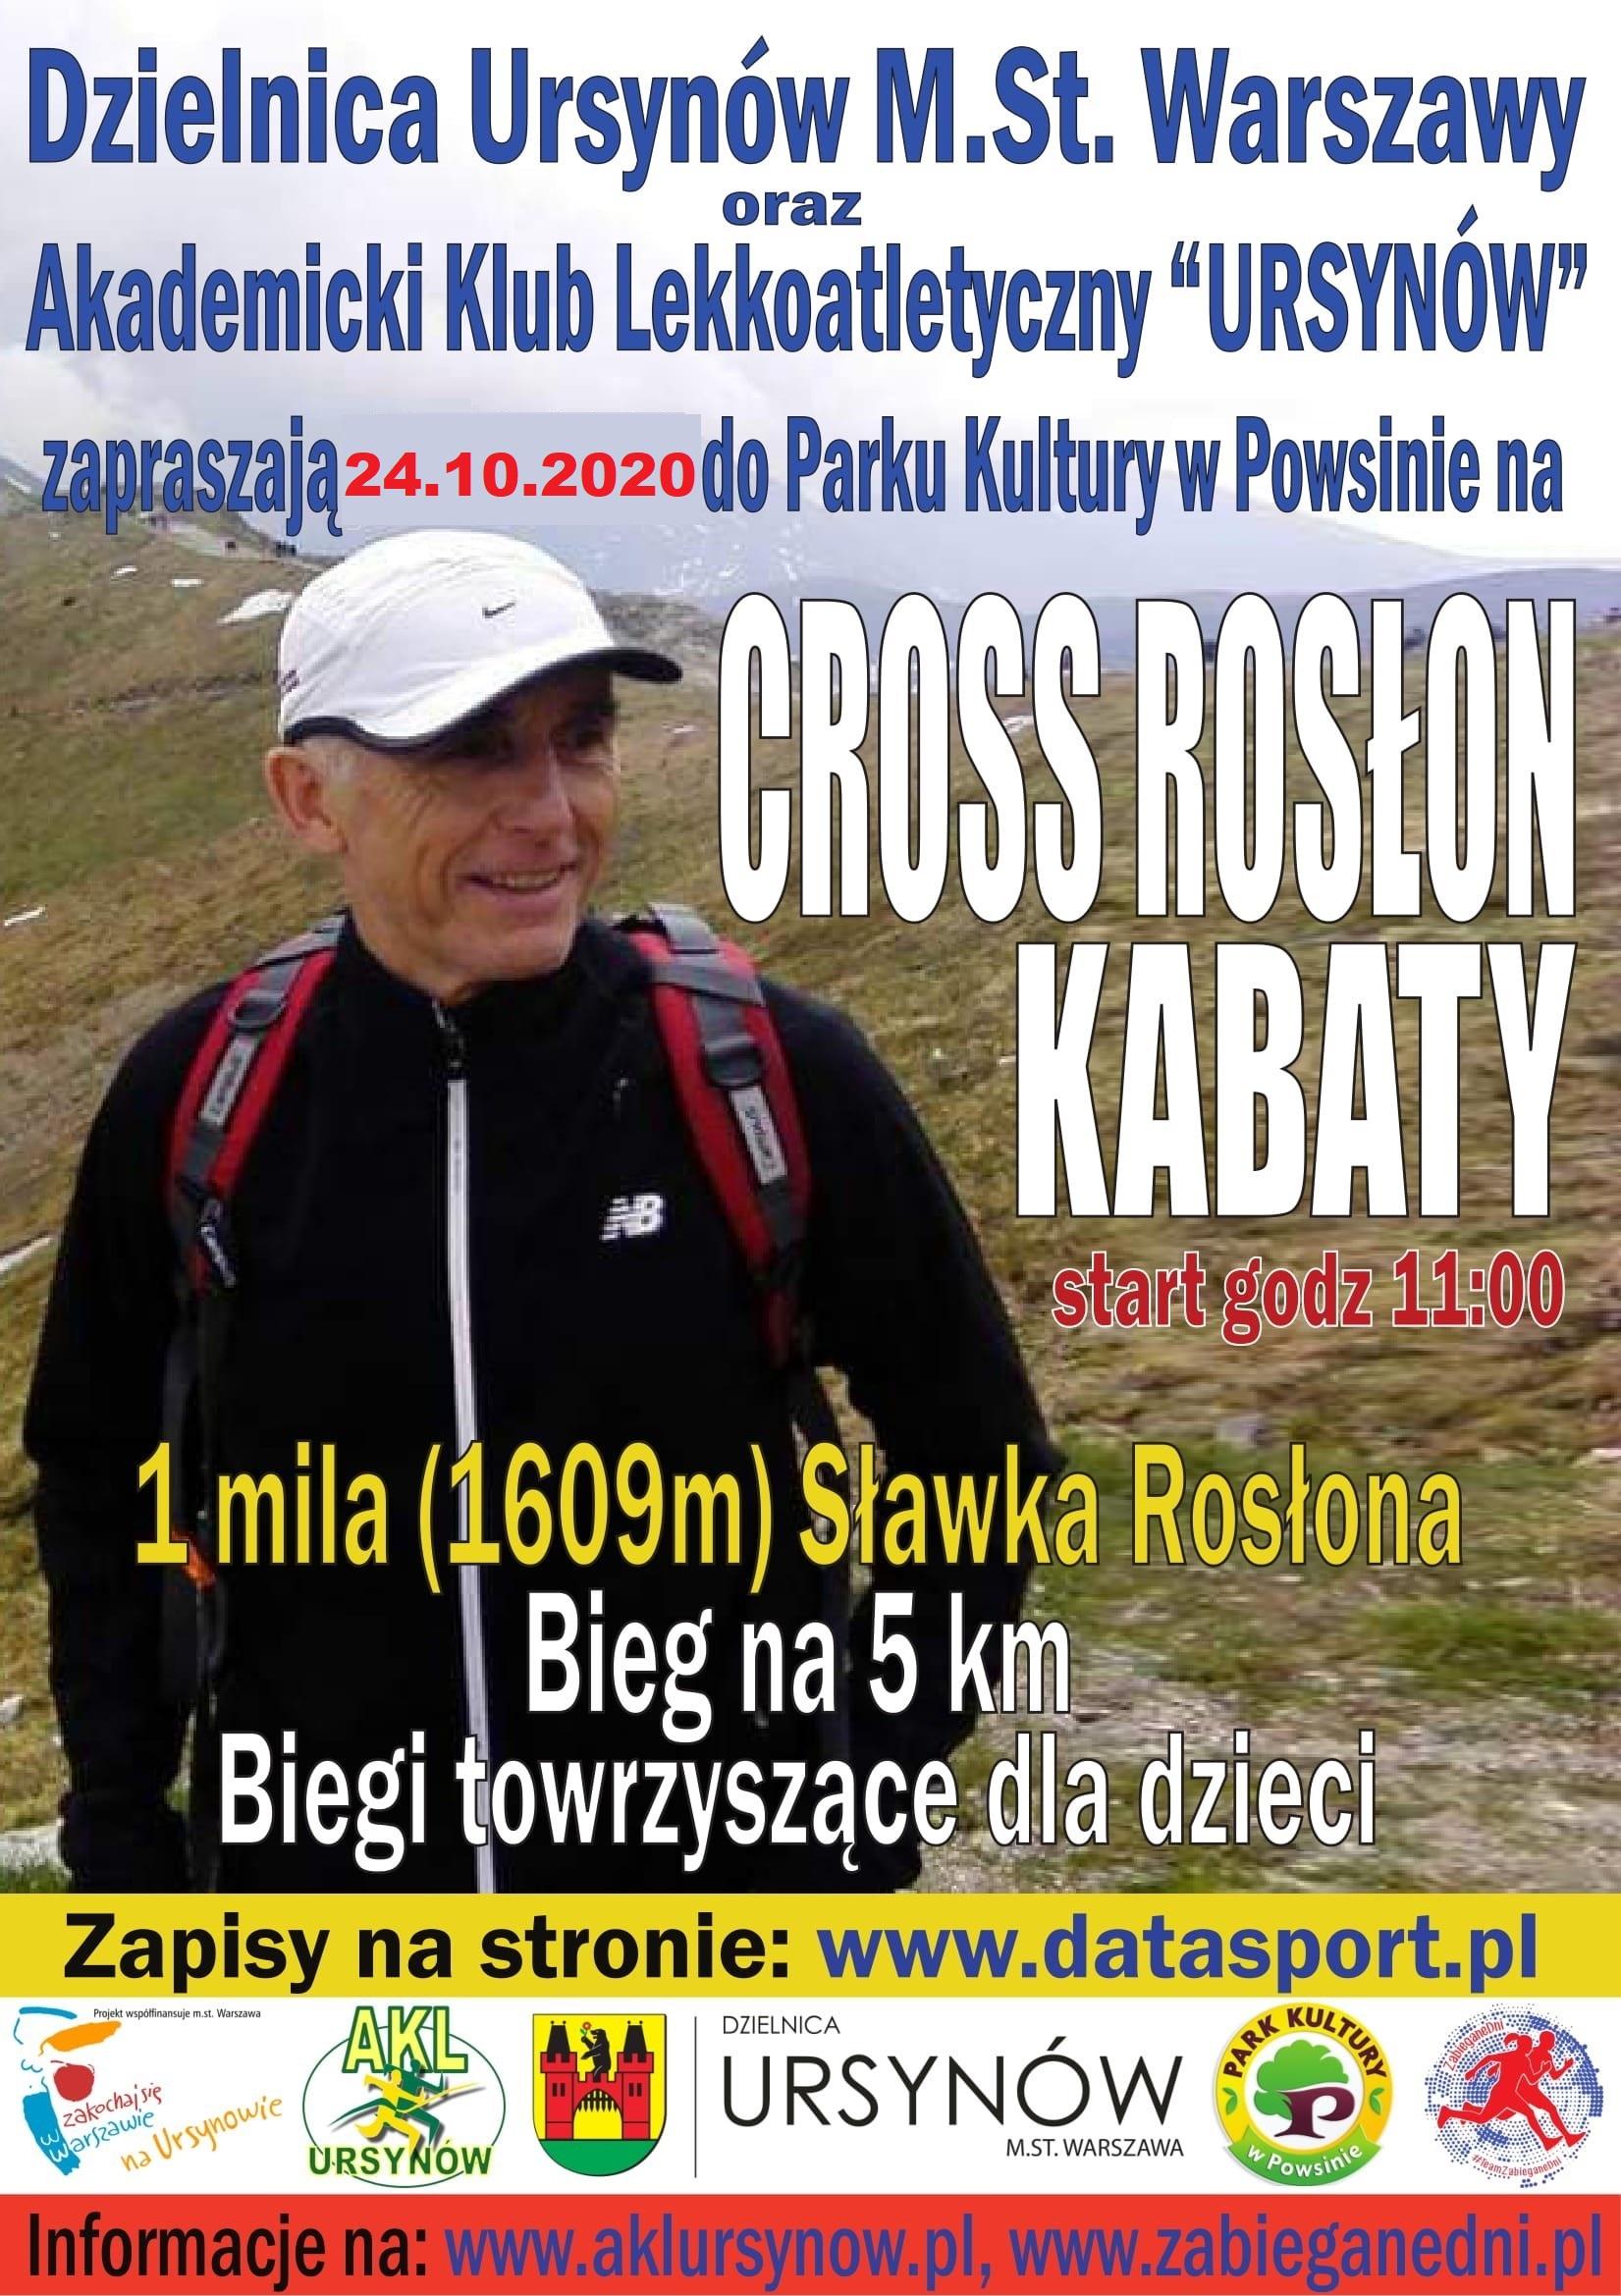 Plakat z informacjami dotyczącego wydarzenia. Bieg Cross Rosłon kabaty